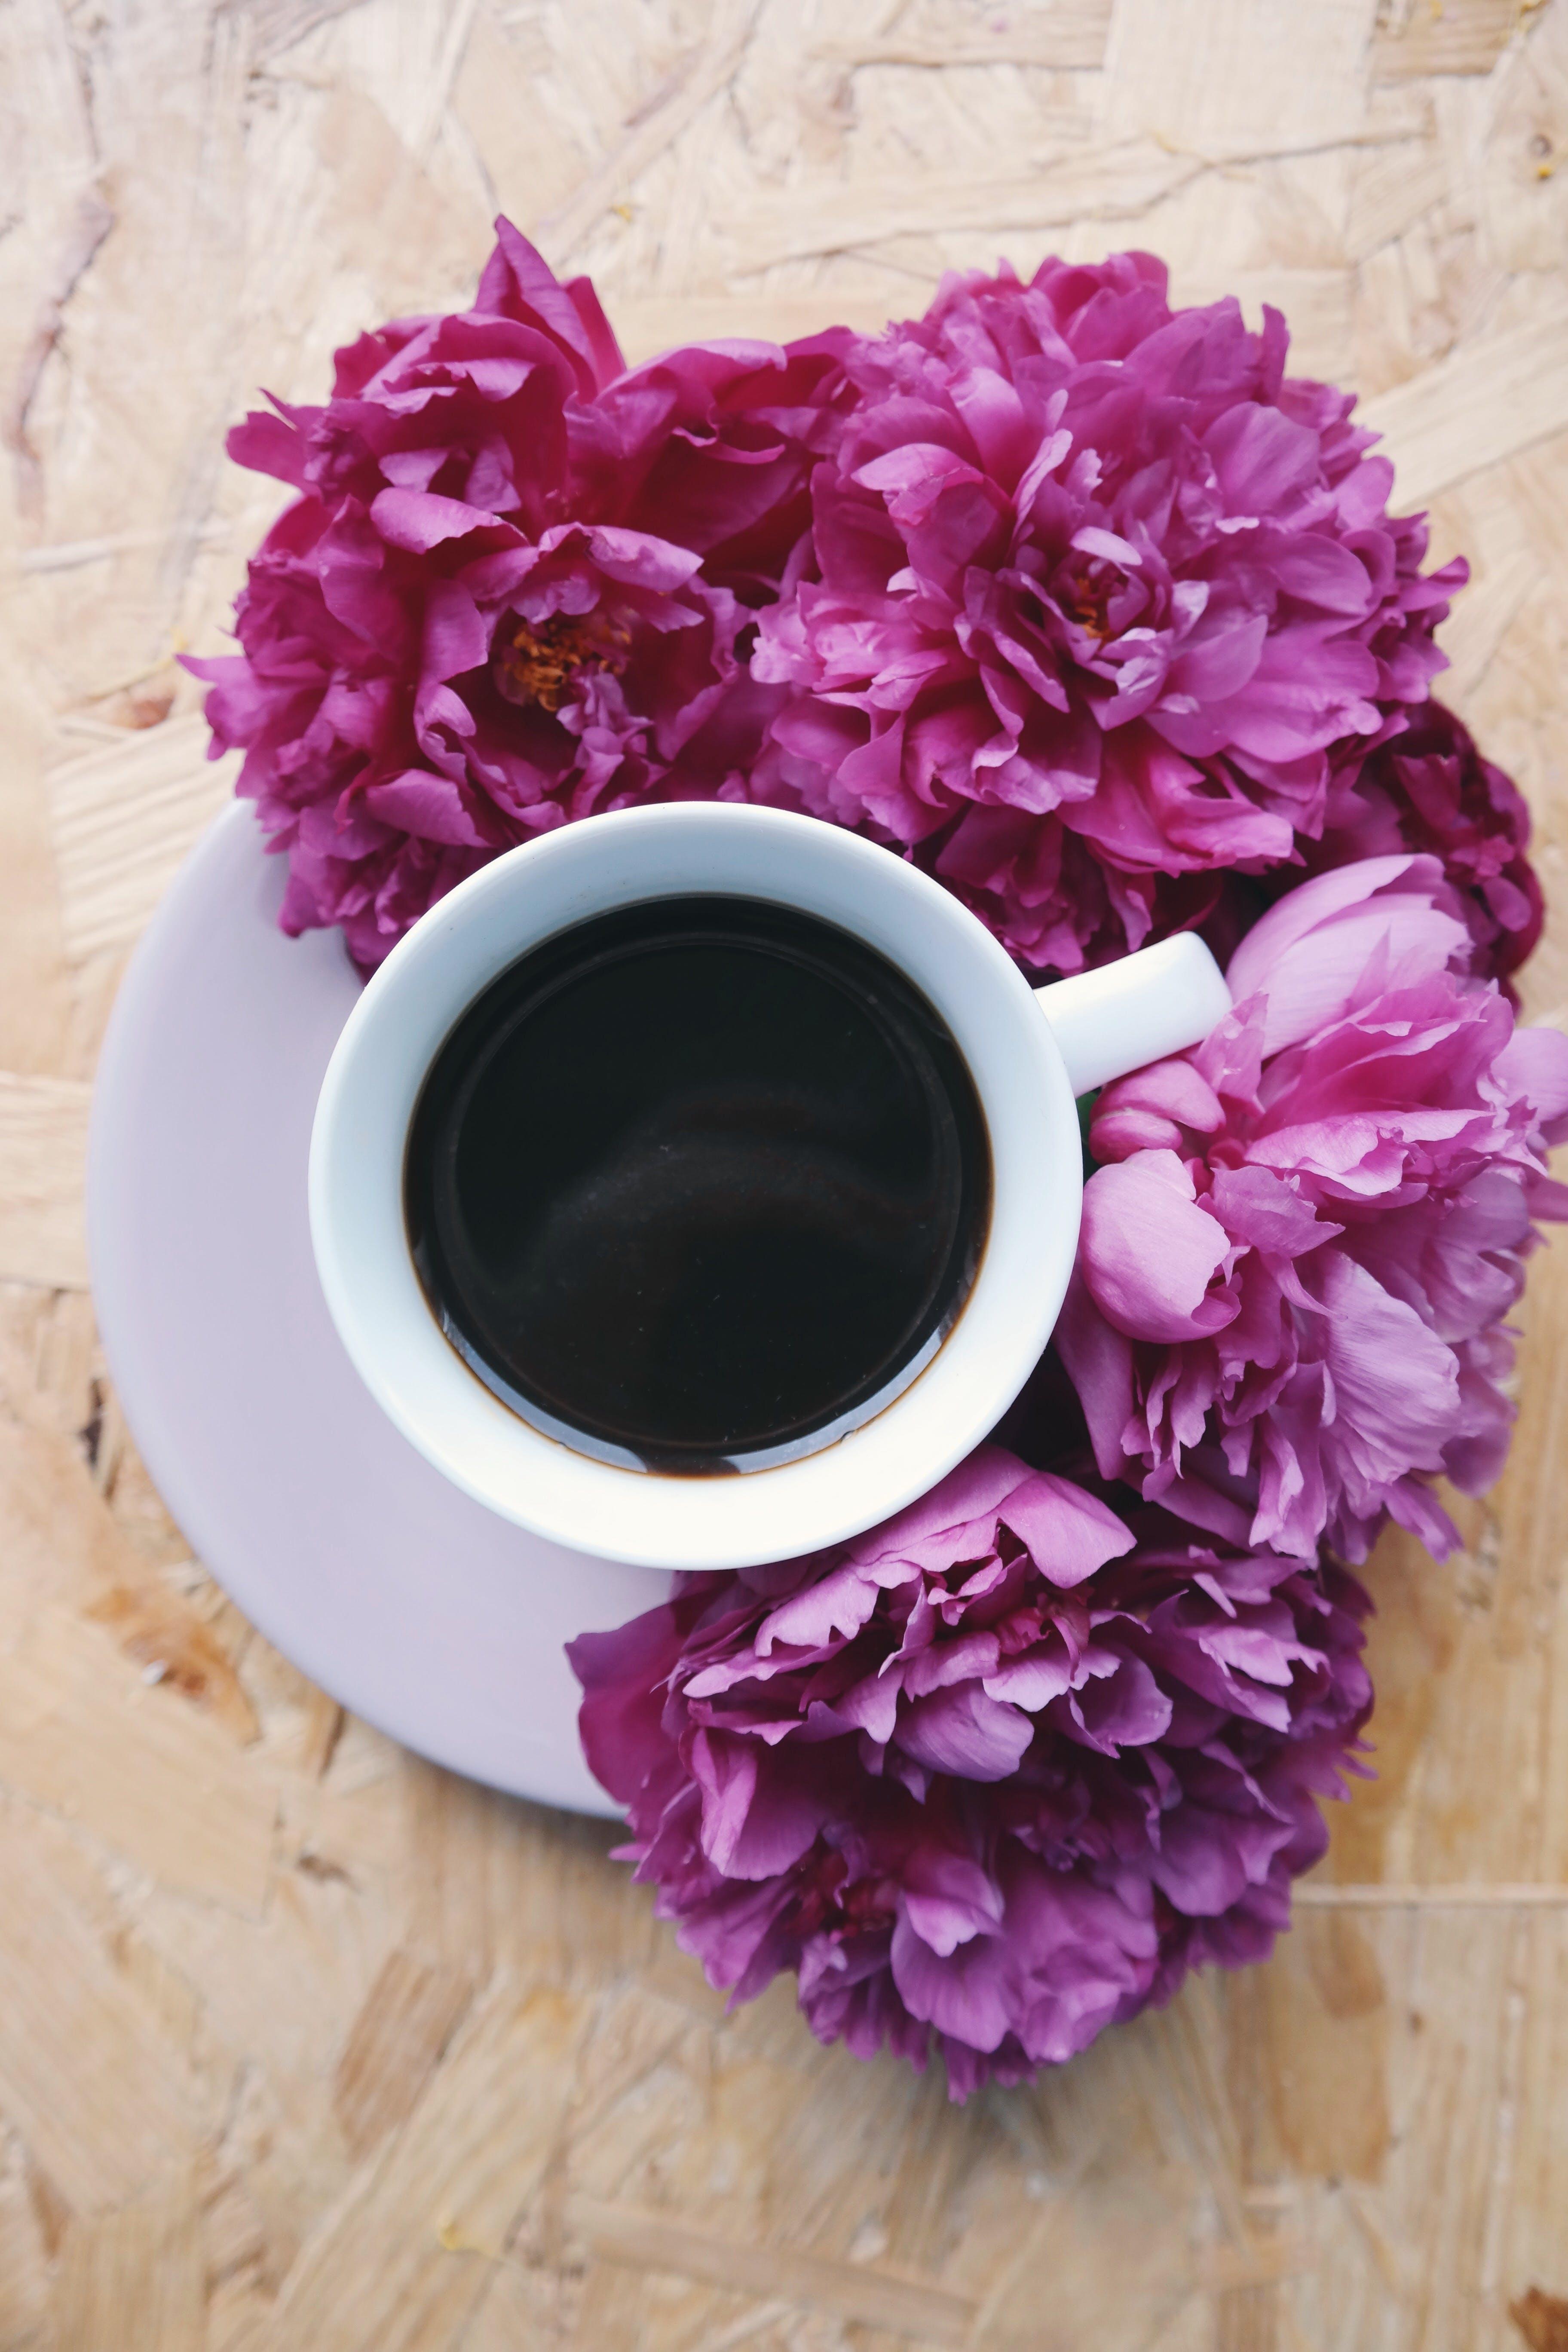 Kostenloses Stock Foto zu aromatisch, blumen, blütenblätter, drinnen